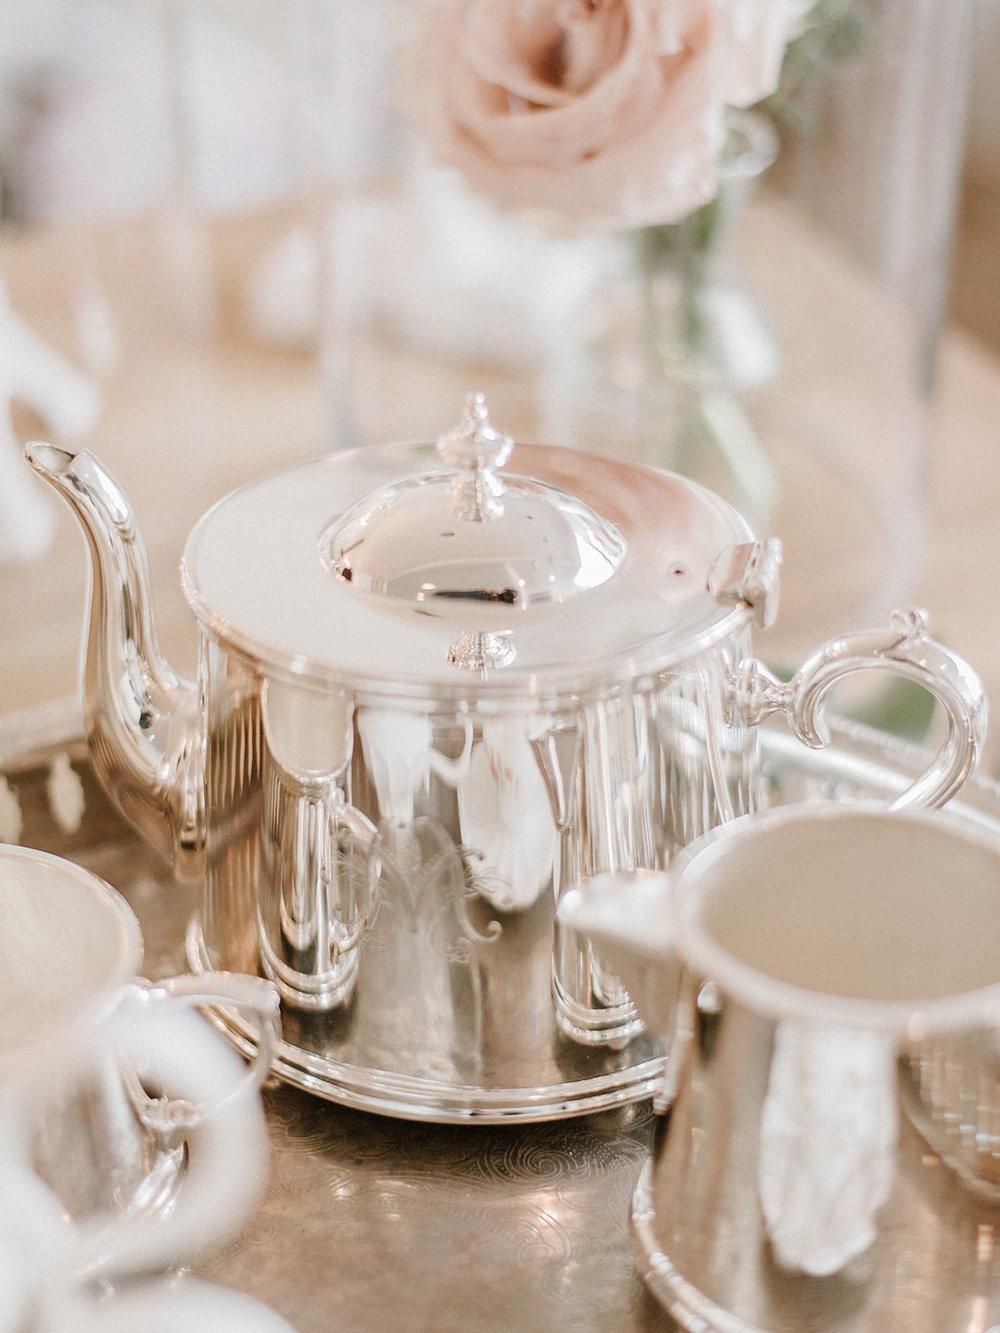 TeaParty-064.jpg